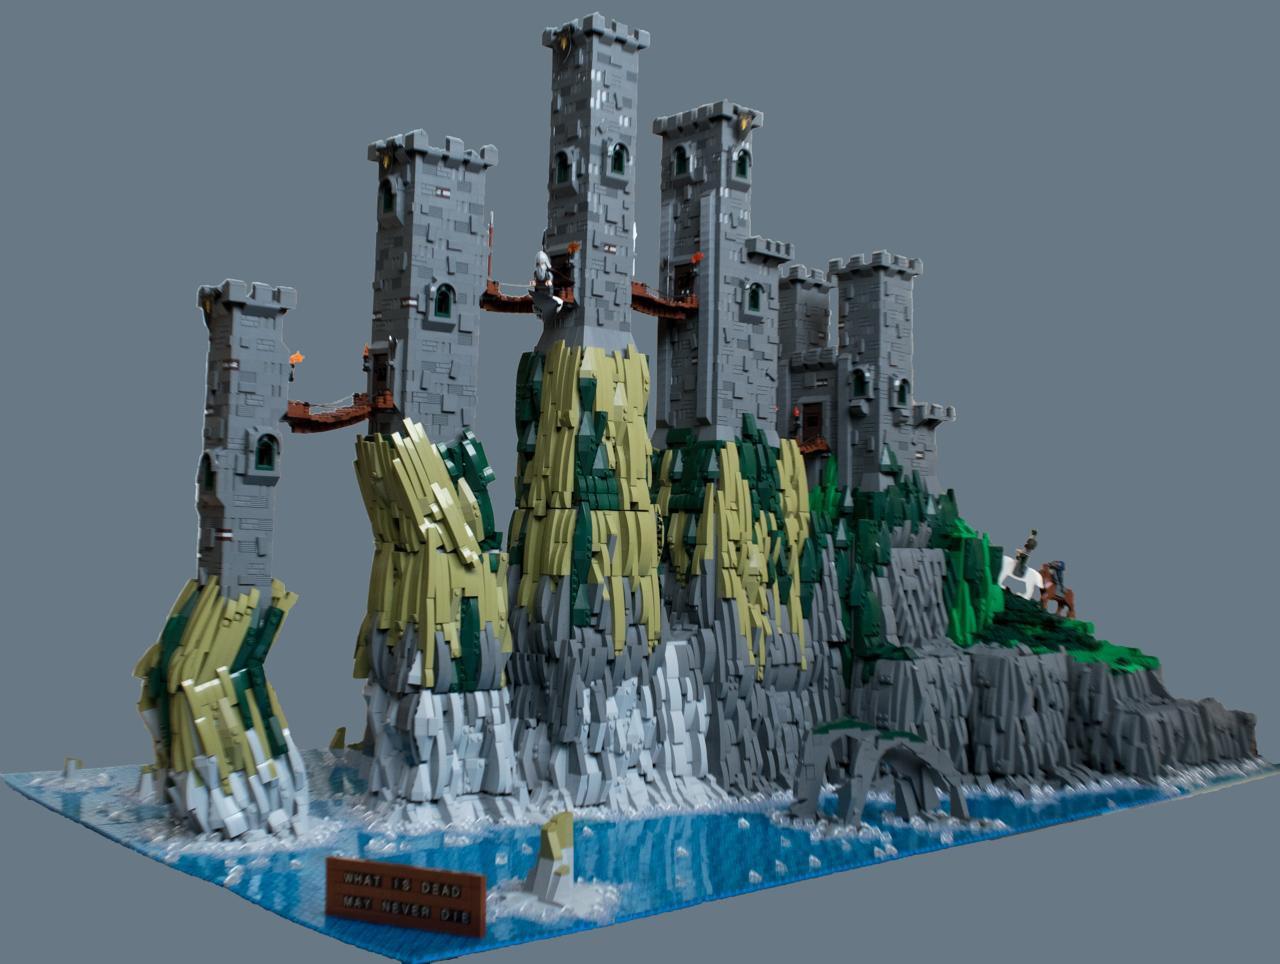 Ngắm 15 công trình LEGO tỉ mỉ khiến cả người không chơi cũng mê tít - Ảnh 5.